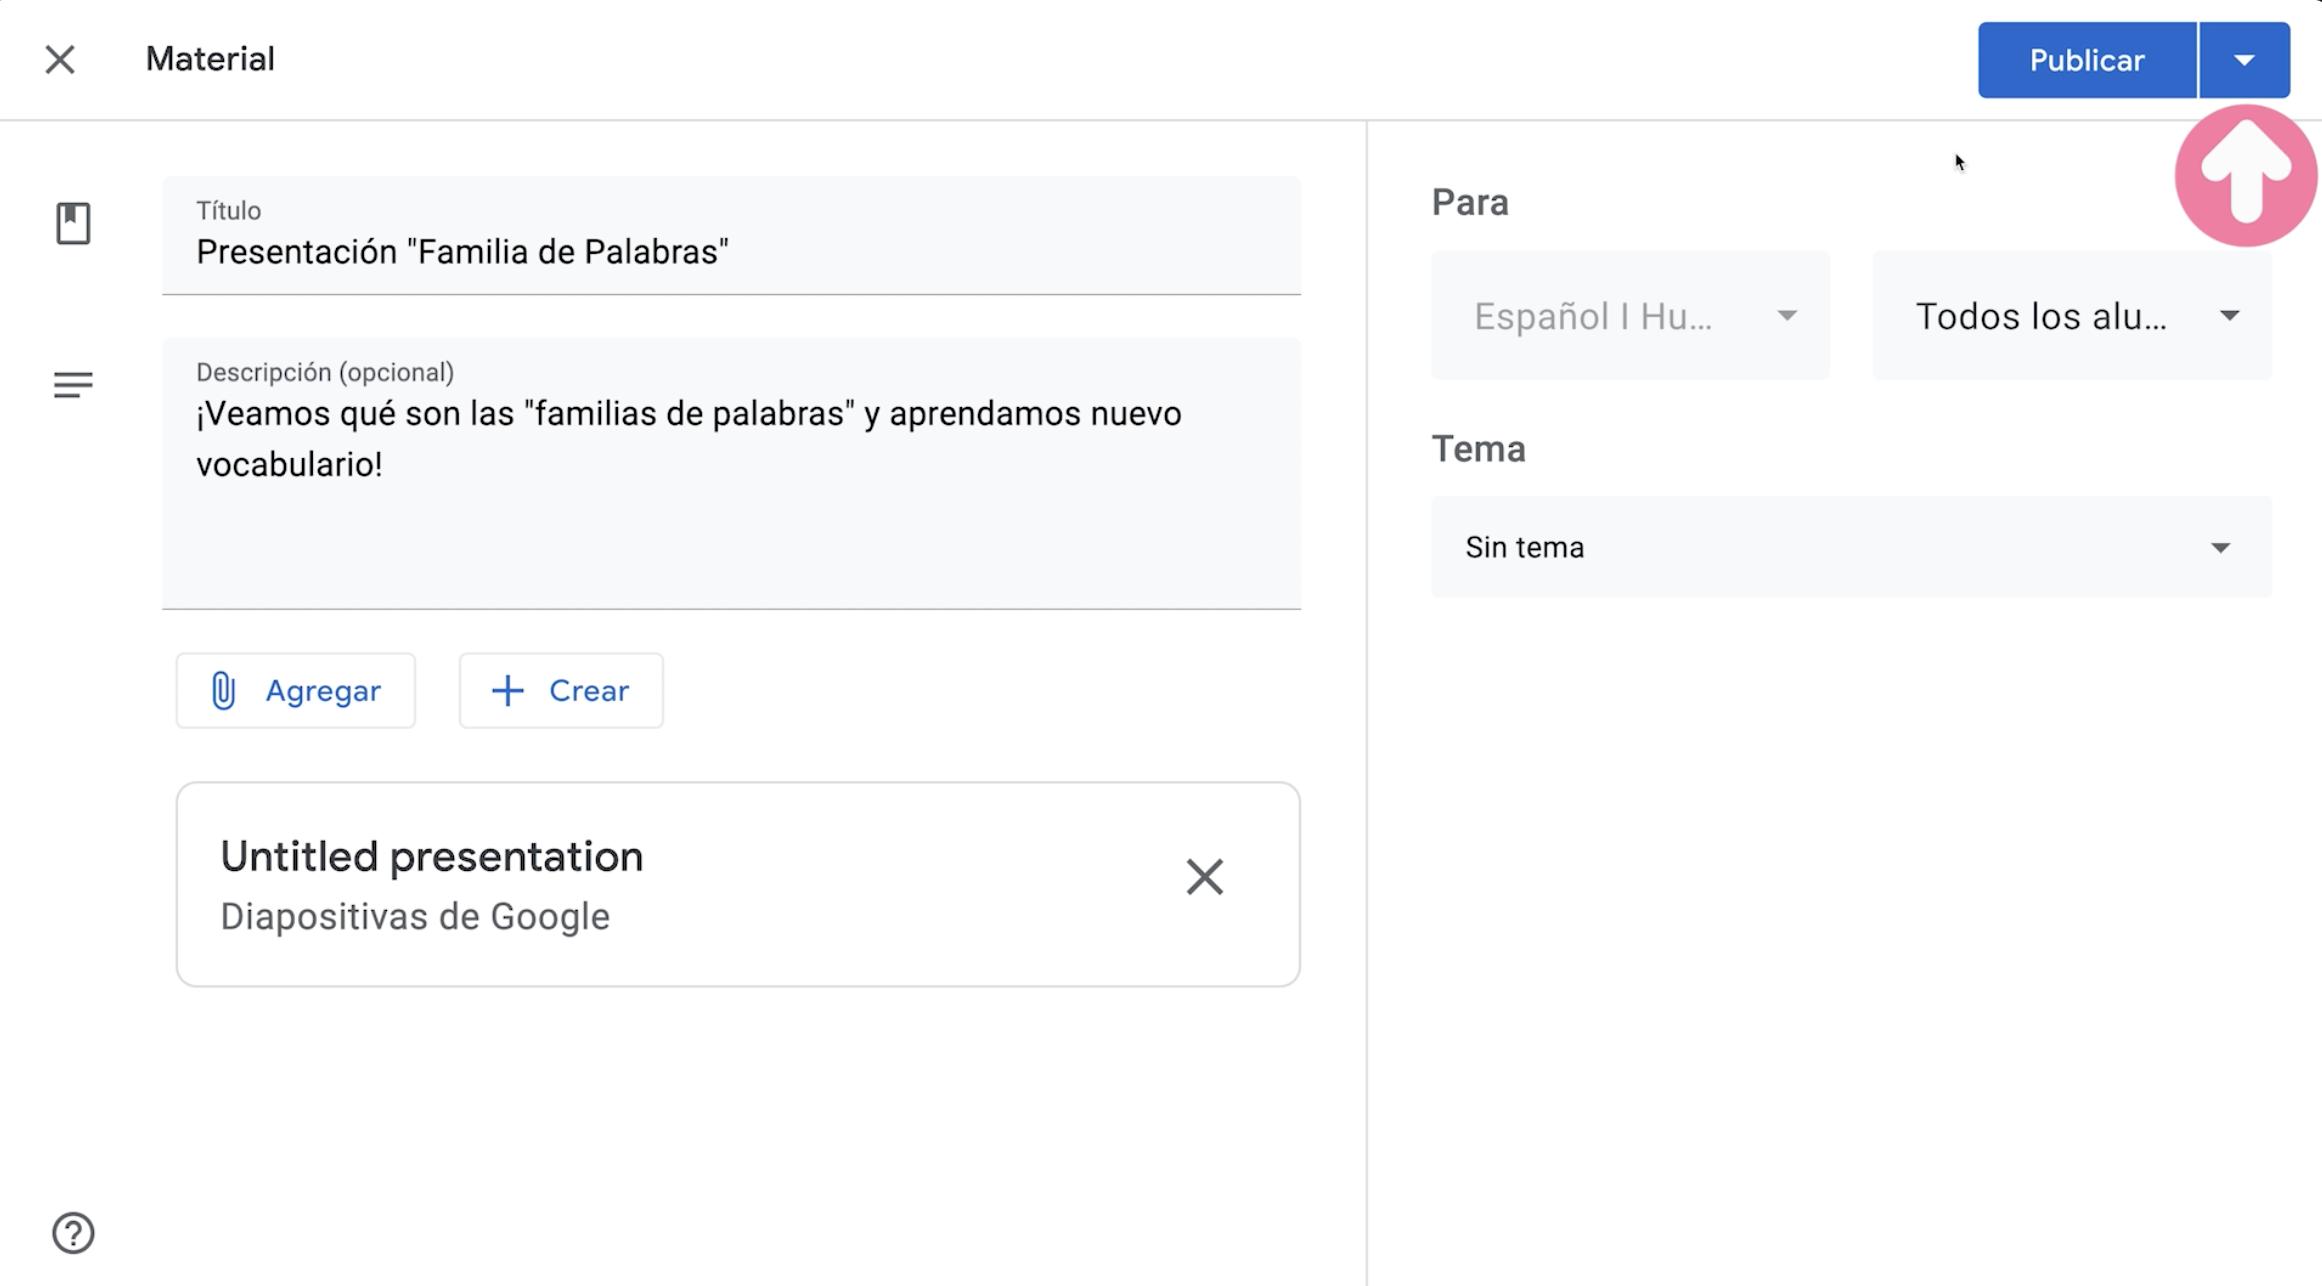 Publicar y editar tipo de publicación de material creado para clase en Google Classroom